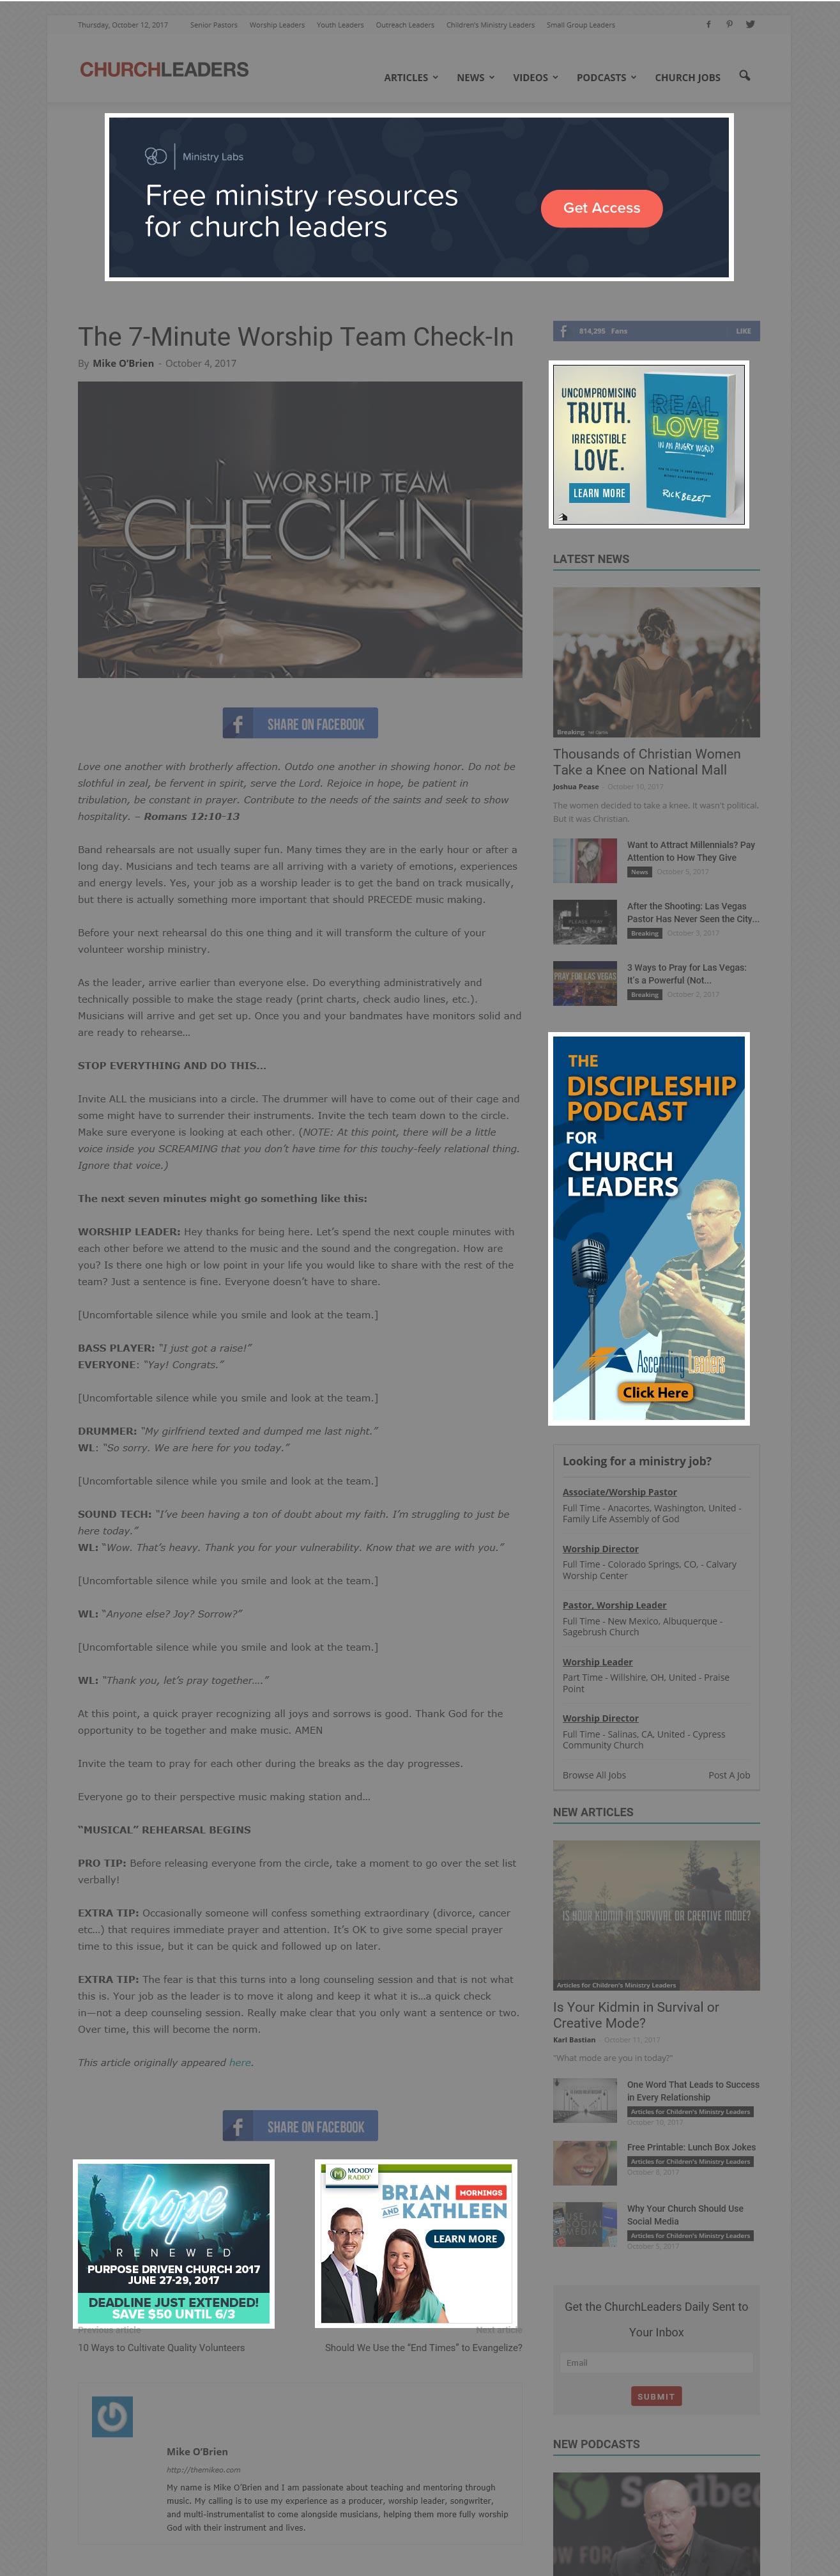 CL Worship Leaders Online Display